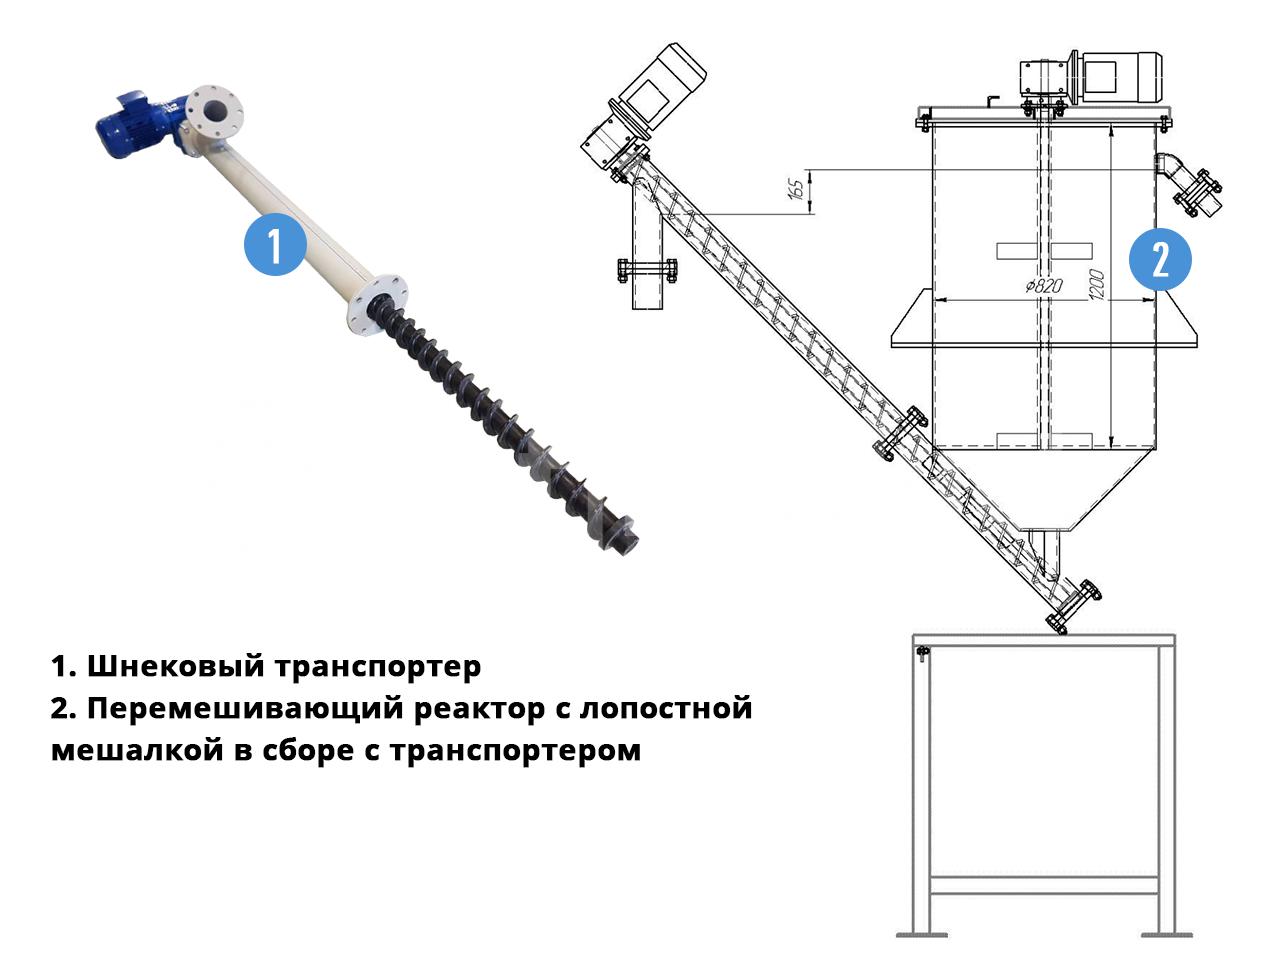 Шнековый транспортер конструкция отзывы на авто фольксваген транспортер